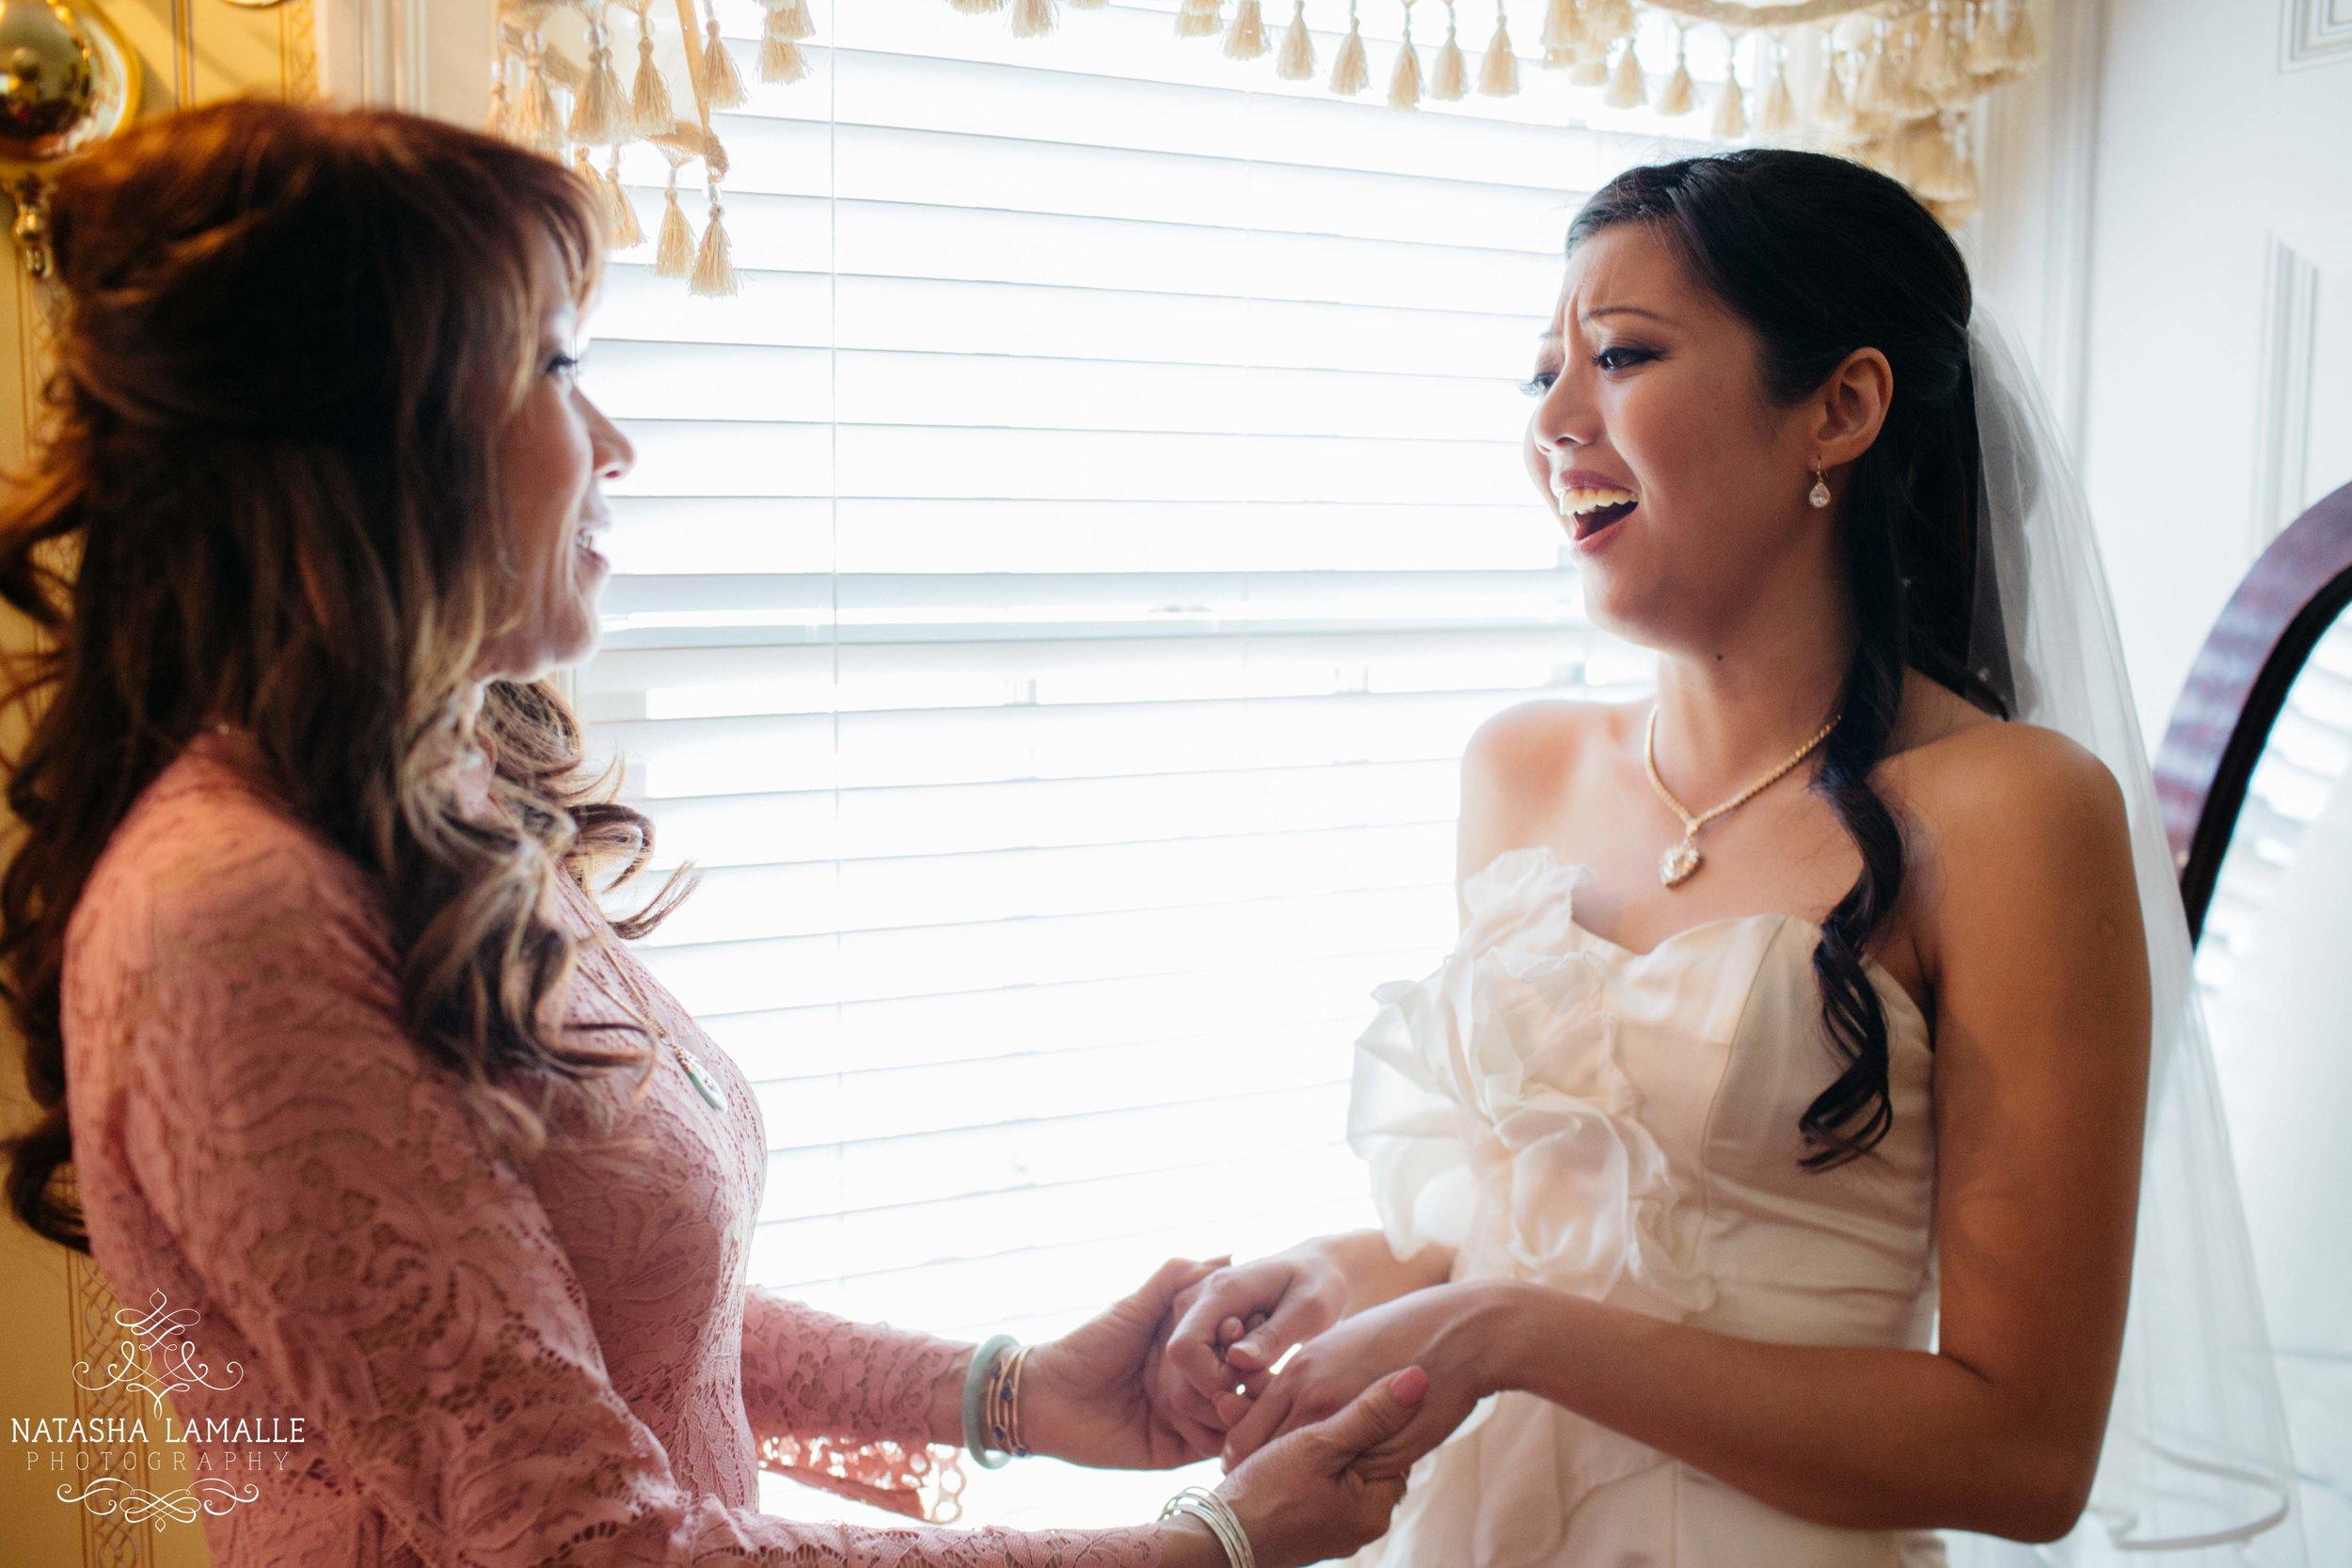 Un moment tendre entre la mariée et sa maman